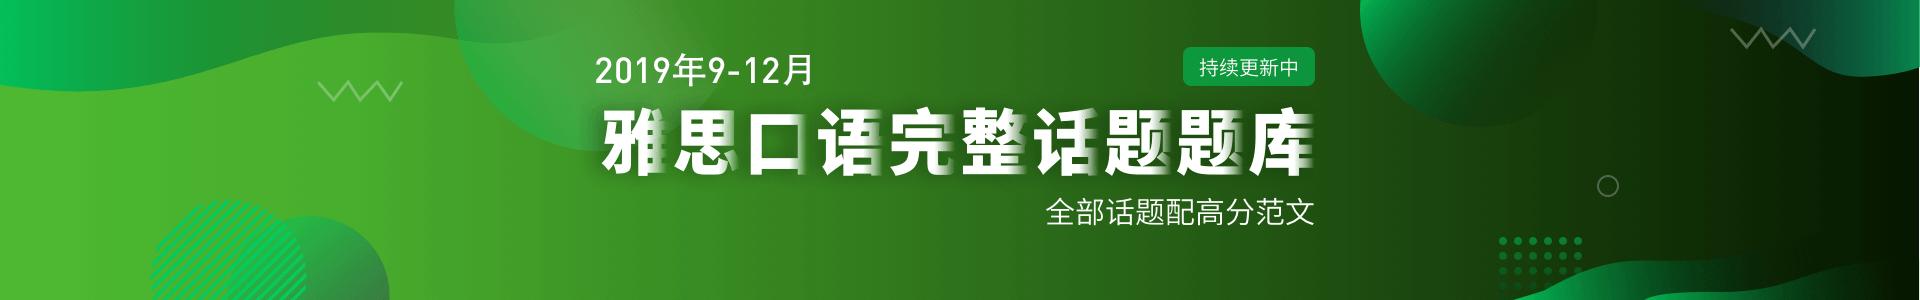 2019年9-12月雅思口语题库